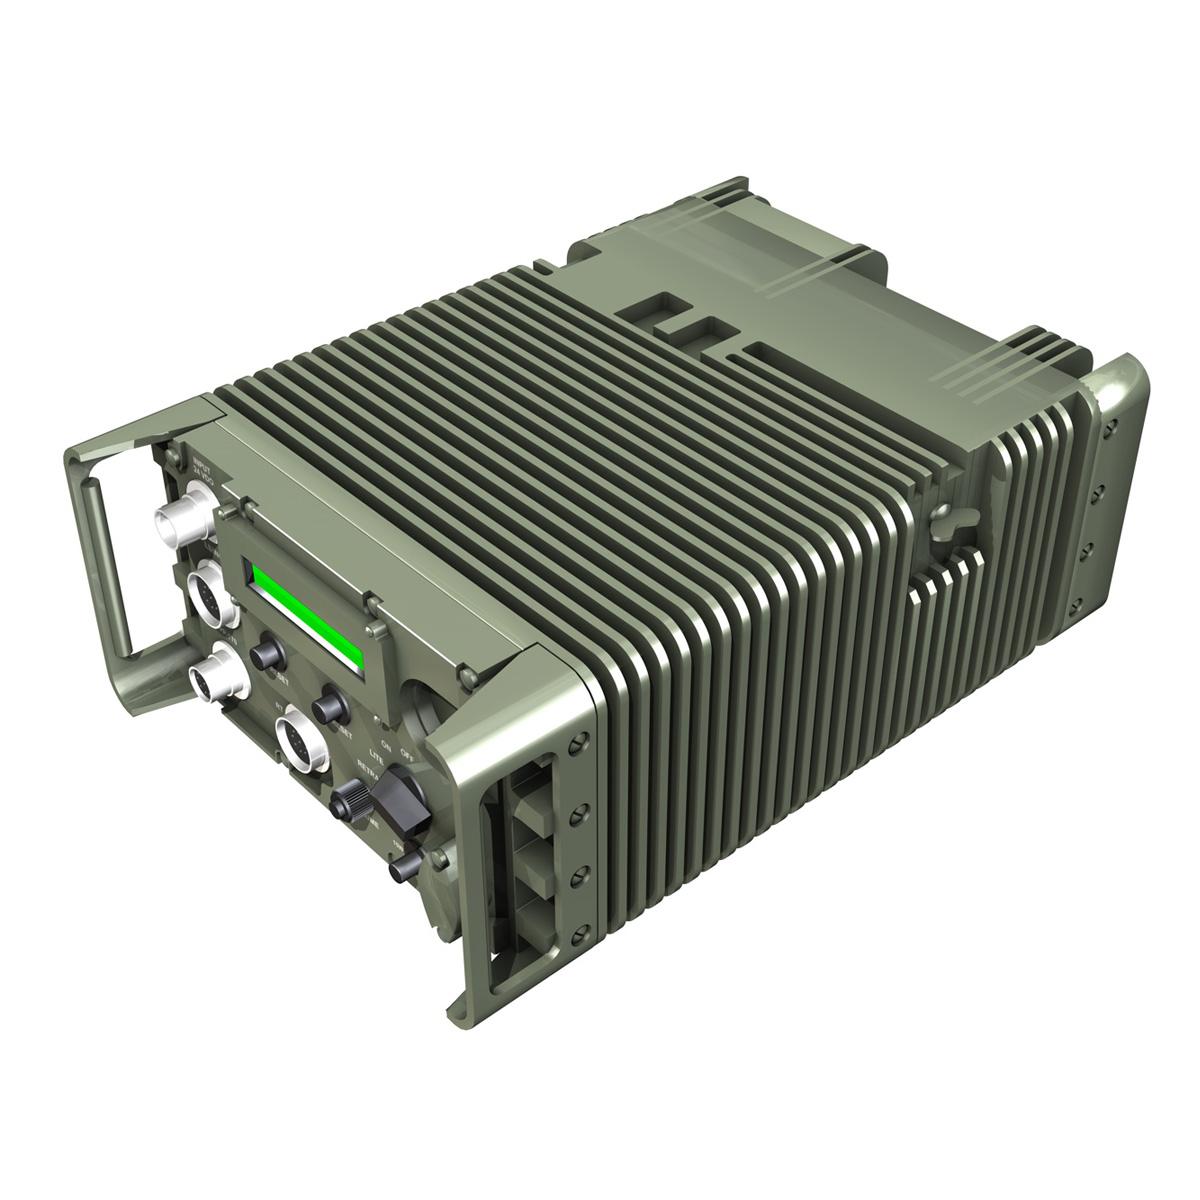 uhf military data radio 3d model 3ds fbx c4d lwo obj 189261